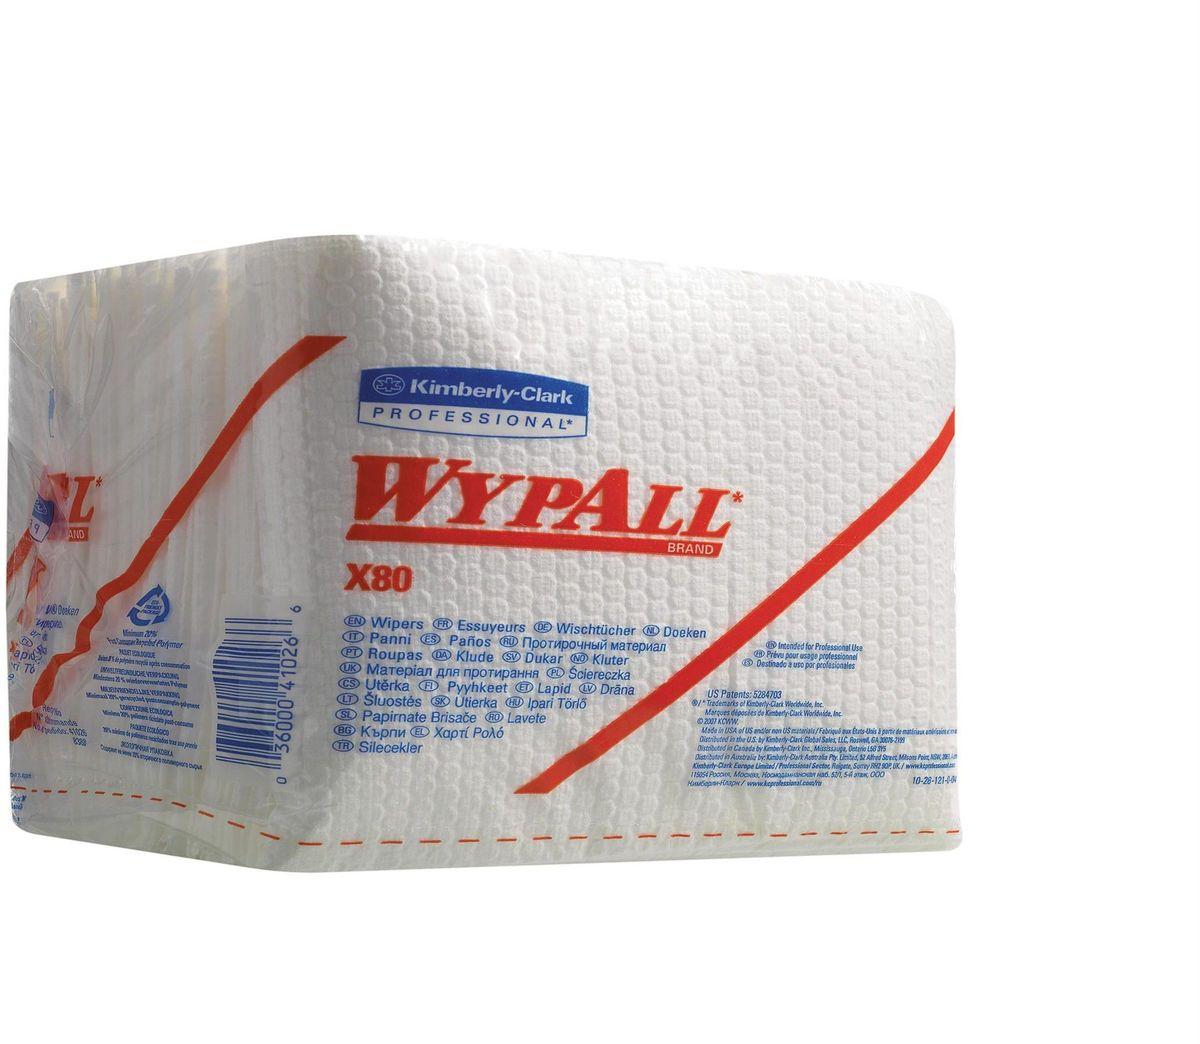 Салфетки бумажные Wypall Х80, 50 шт. 83888388Бумажные салфетки Wypall Х80, изготовленные из целлюлозыи синтетики, обладают отличной впитывающей способностью,долговечностью и прочностью, как в сухом, так и во влажномсостоянии. Салфетки могут использоваться с большинствомрастворителей, обеспечивают быструю очистку и помогаютсократить расходы. Подходят для работы по очистке от клея,масла, мусора, стекол, а также для прецизионной очисткисложных механизмов и деталей.Салфетки Wypall Х80 могут использоваться с переноснымиили стационарными диспенсерами для контроля расходапродукта и уменьшения объема отходов.